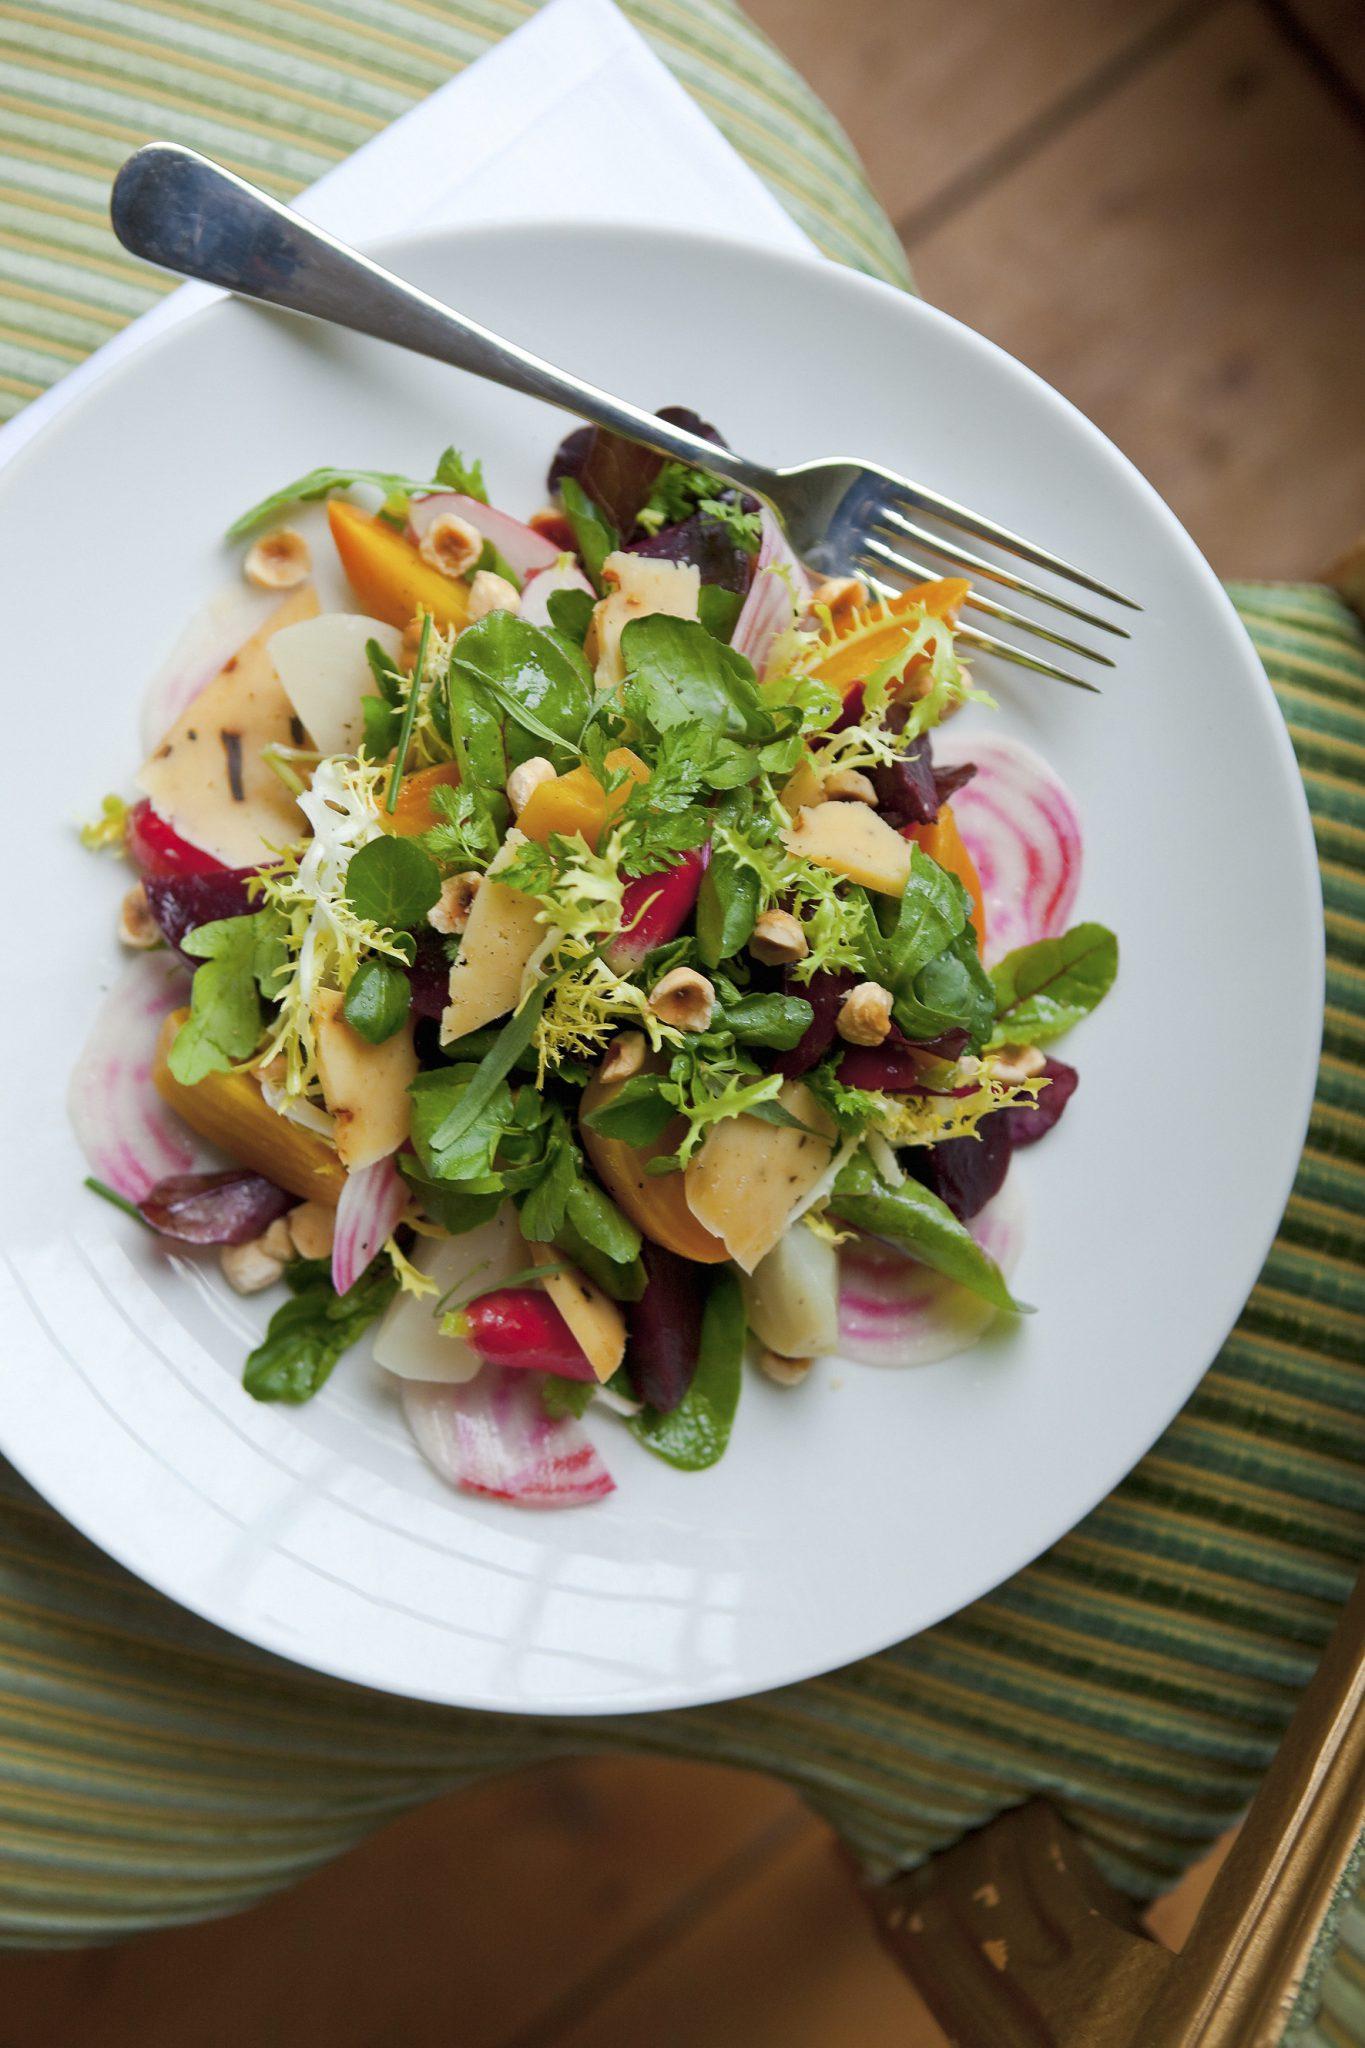 Bieten salade door restaurant Merkelbach